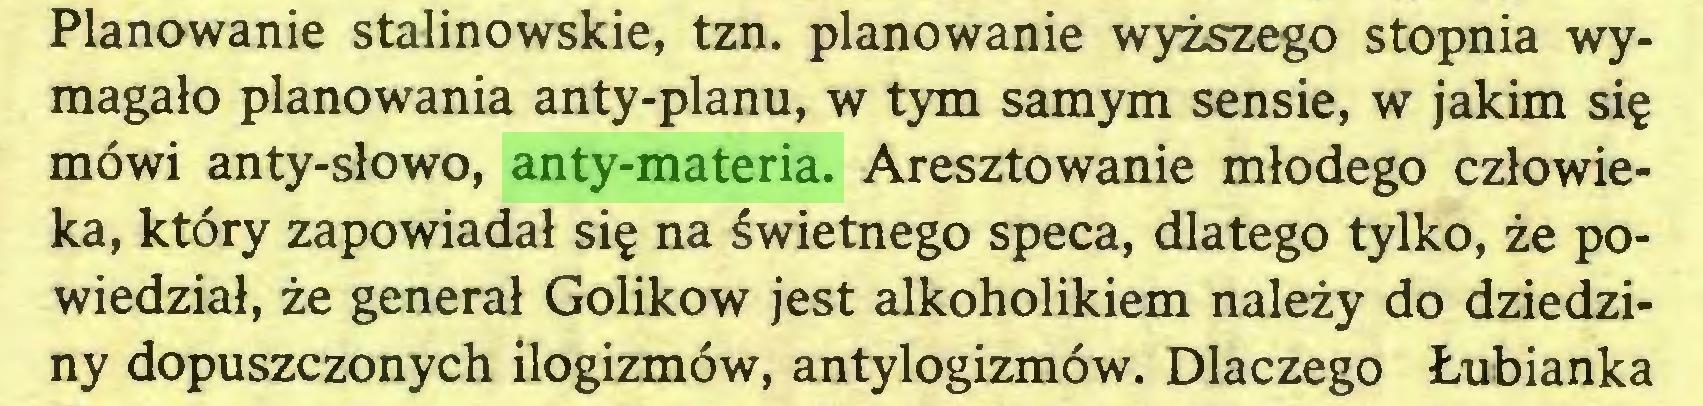 (...) Planowanie stalinowskie, tzn. planowanie wyższego stopnia wymagało planowania anty-planu, w tym samym sensie, w jakim się mówi anty-słowo, anty-materia. Aresztowanie młodego człowieka, który zapowiadał się na świetnego speca, dlatego tylko, że powiedział, że generał Golikow jest alkoholikiem należy do dziedziny dopuszczonych ilogizmów, antylogizmów. Dlaczego Łubianka...